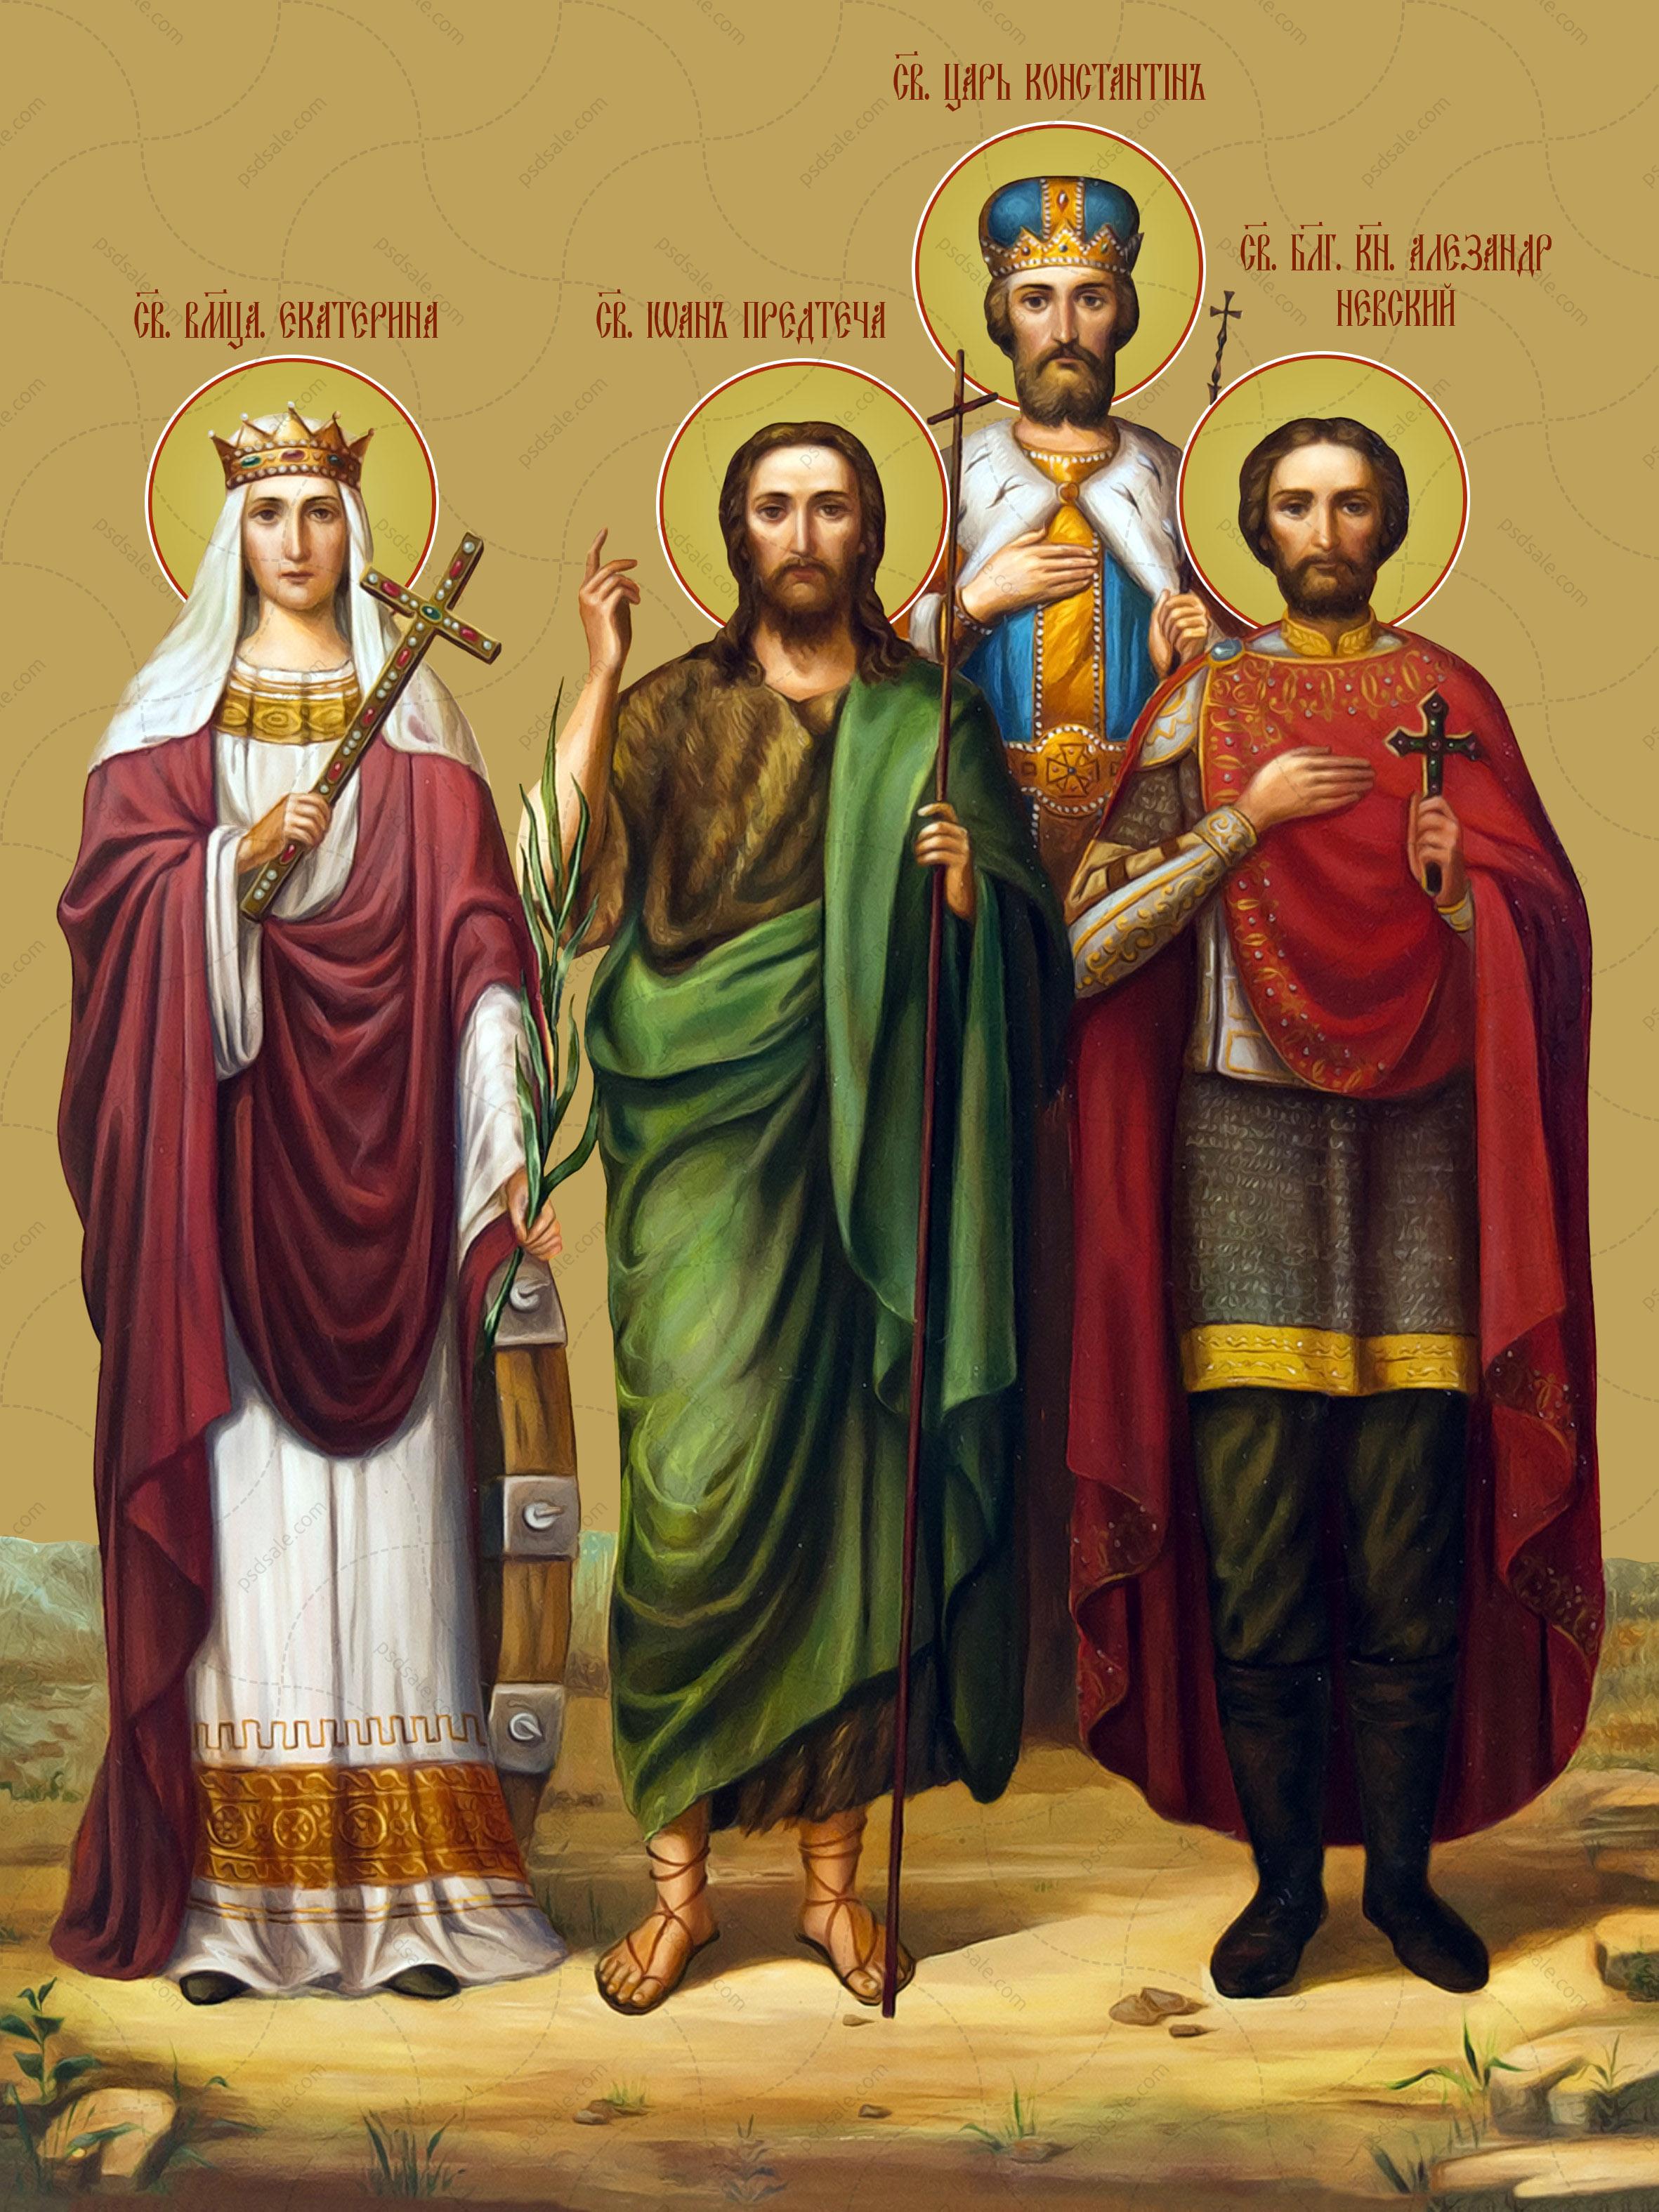 Екатерина, Иоанн Предтеча, царь Константин, Александр невский